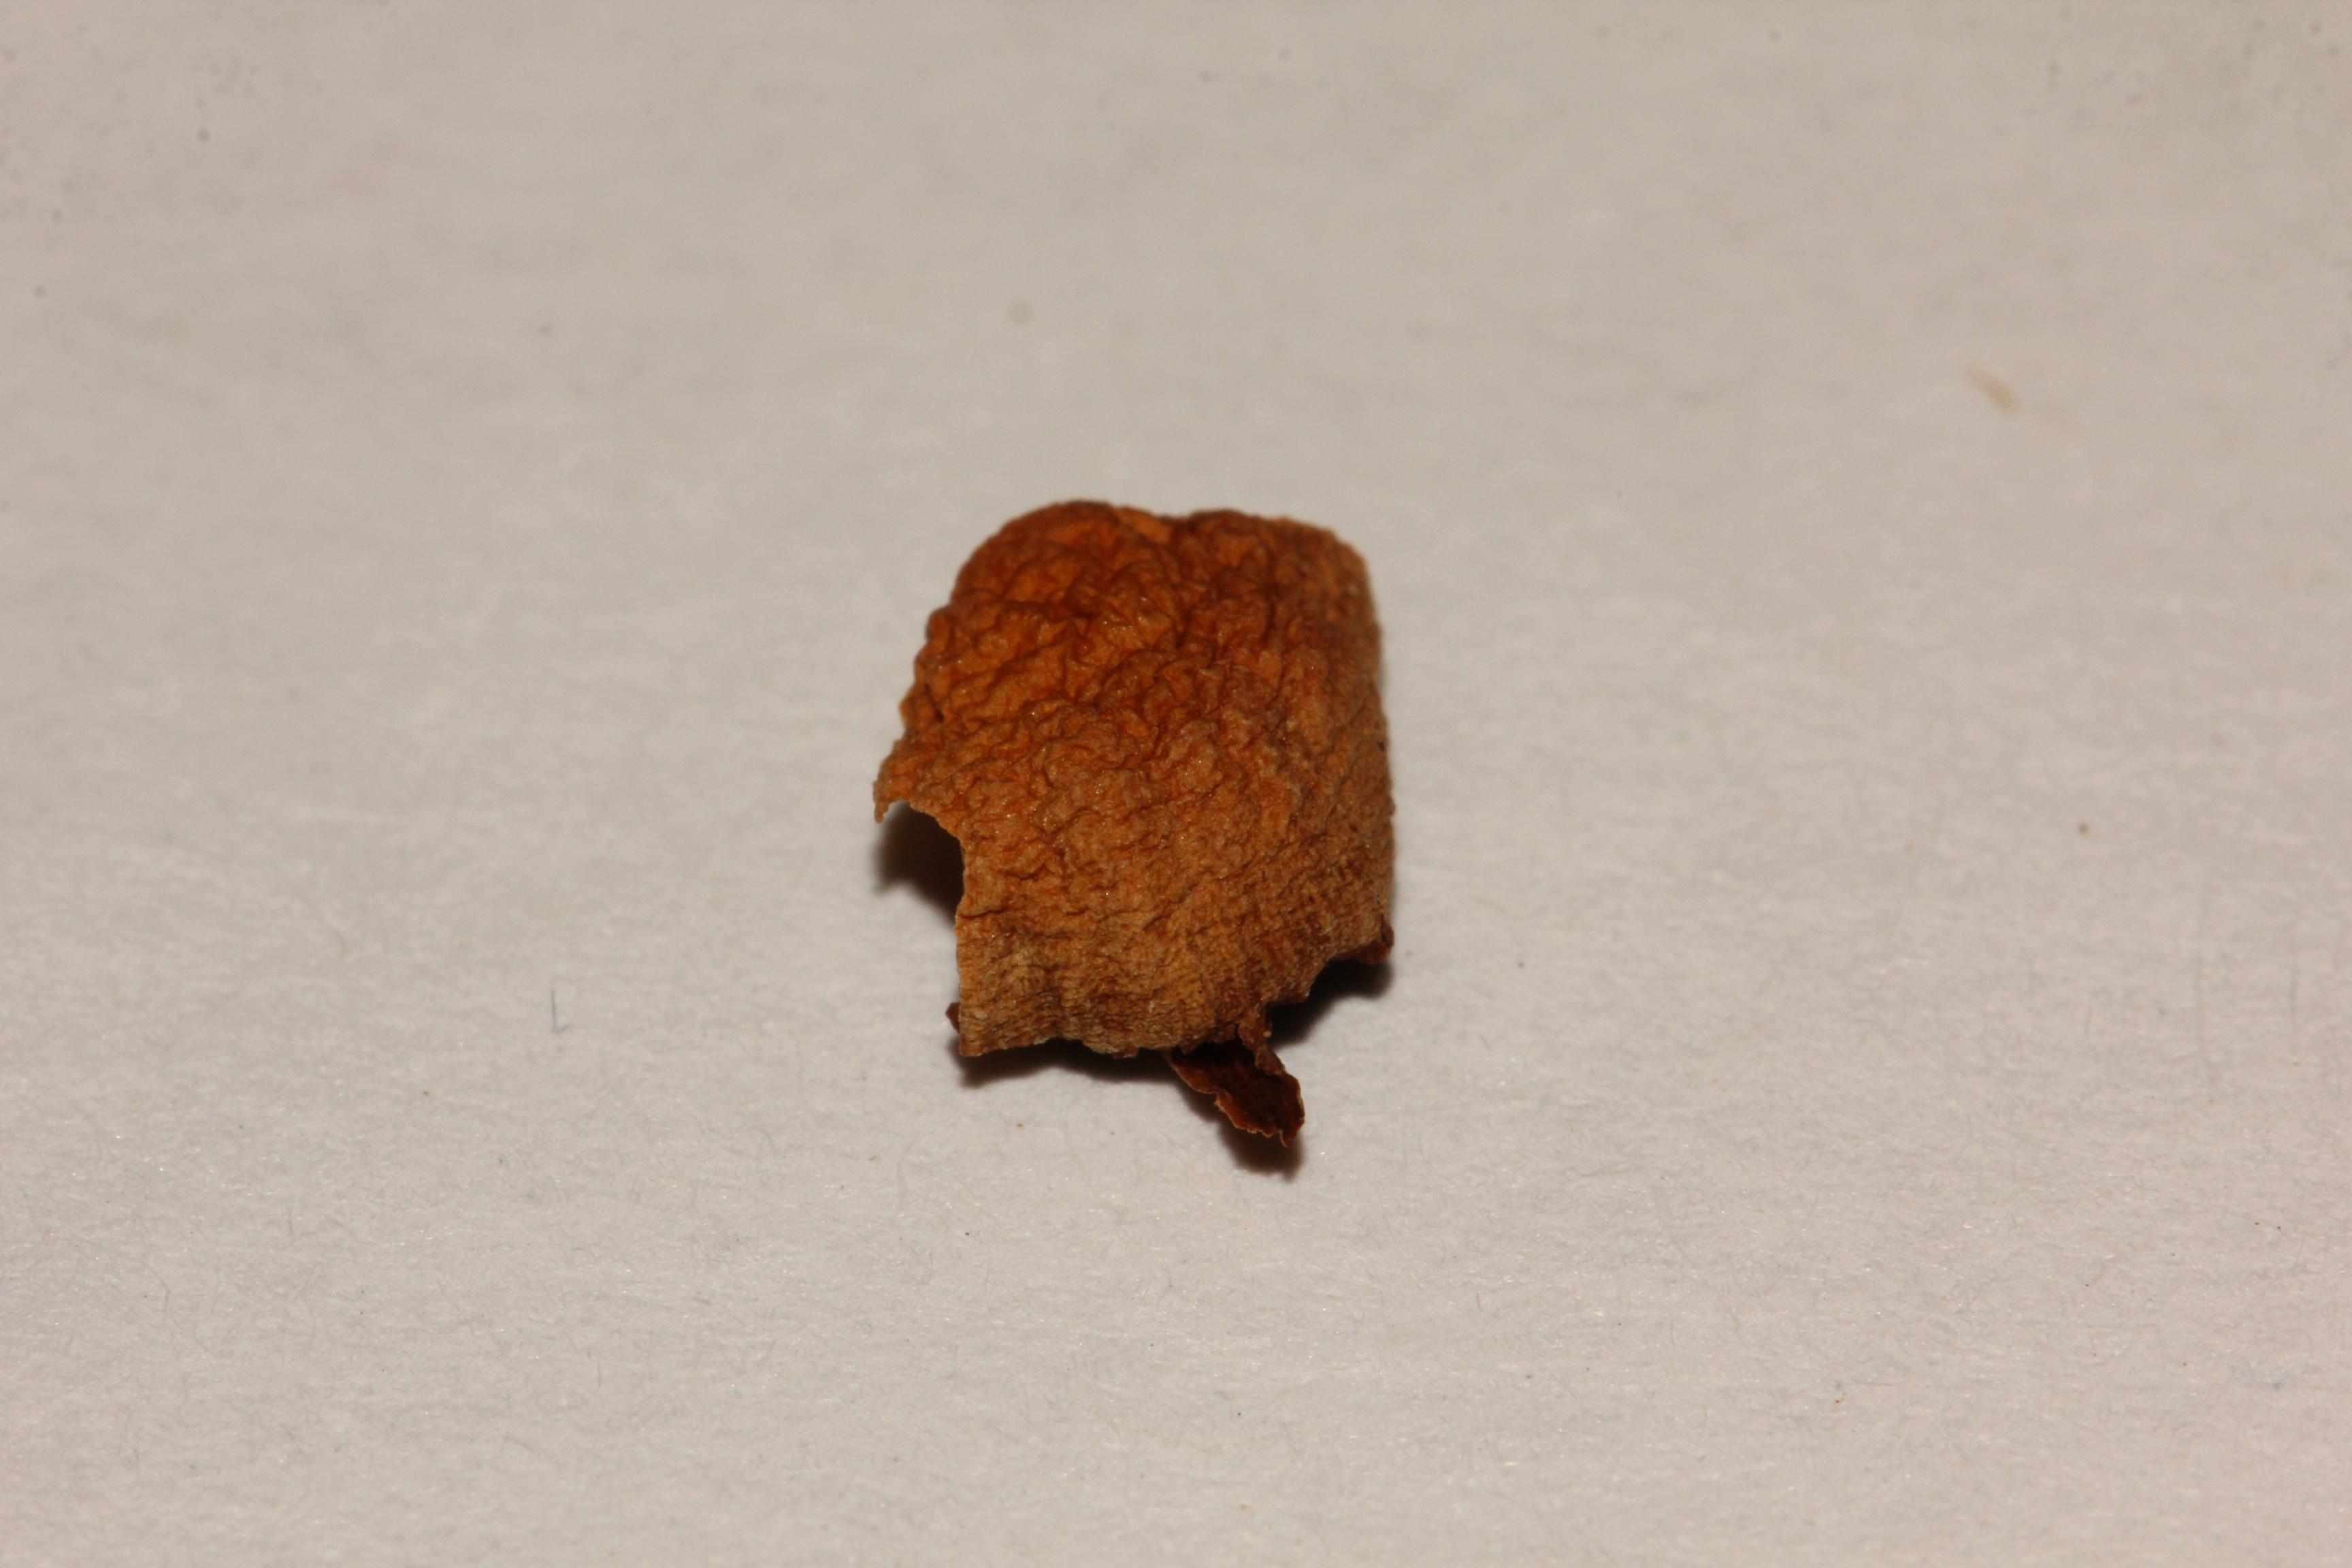 Psilocybe washingtonensis image